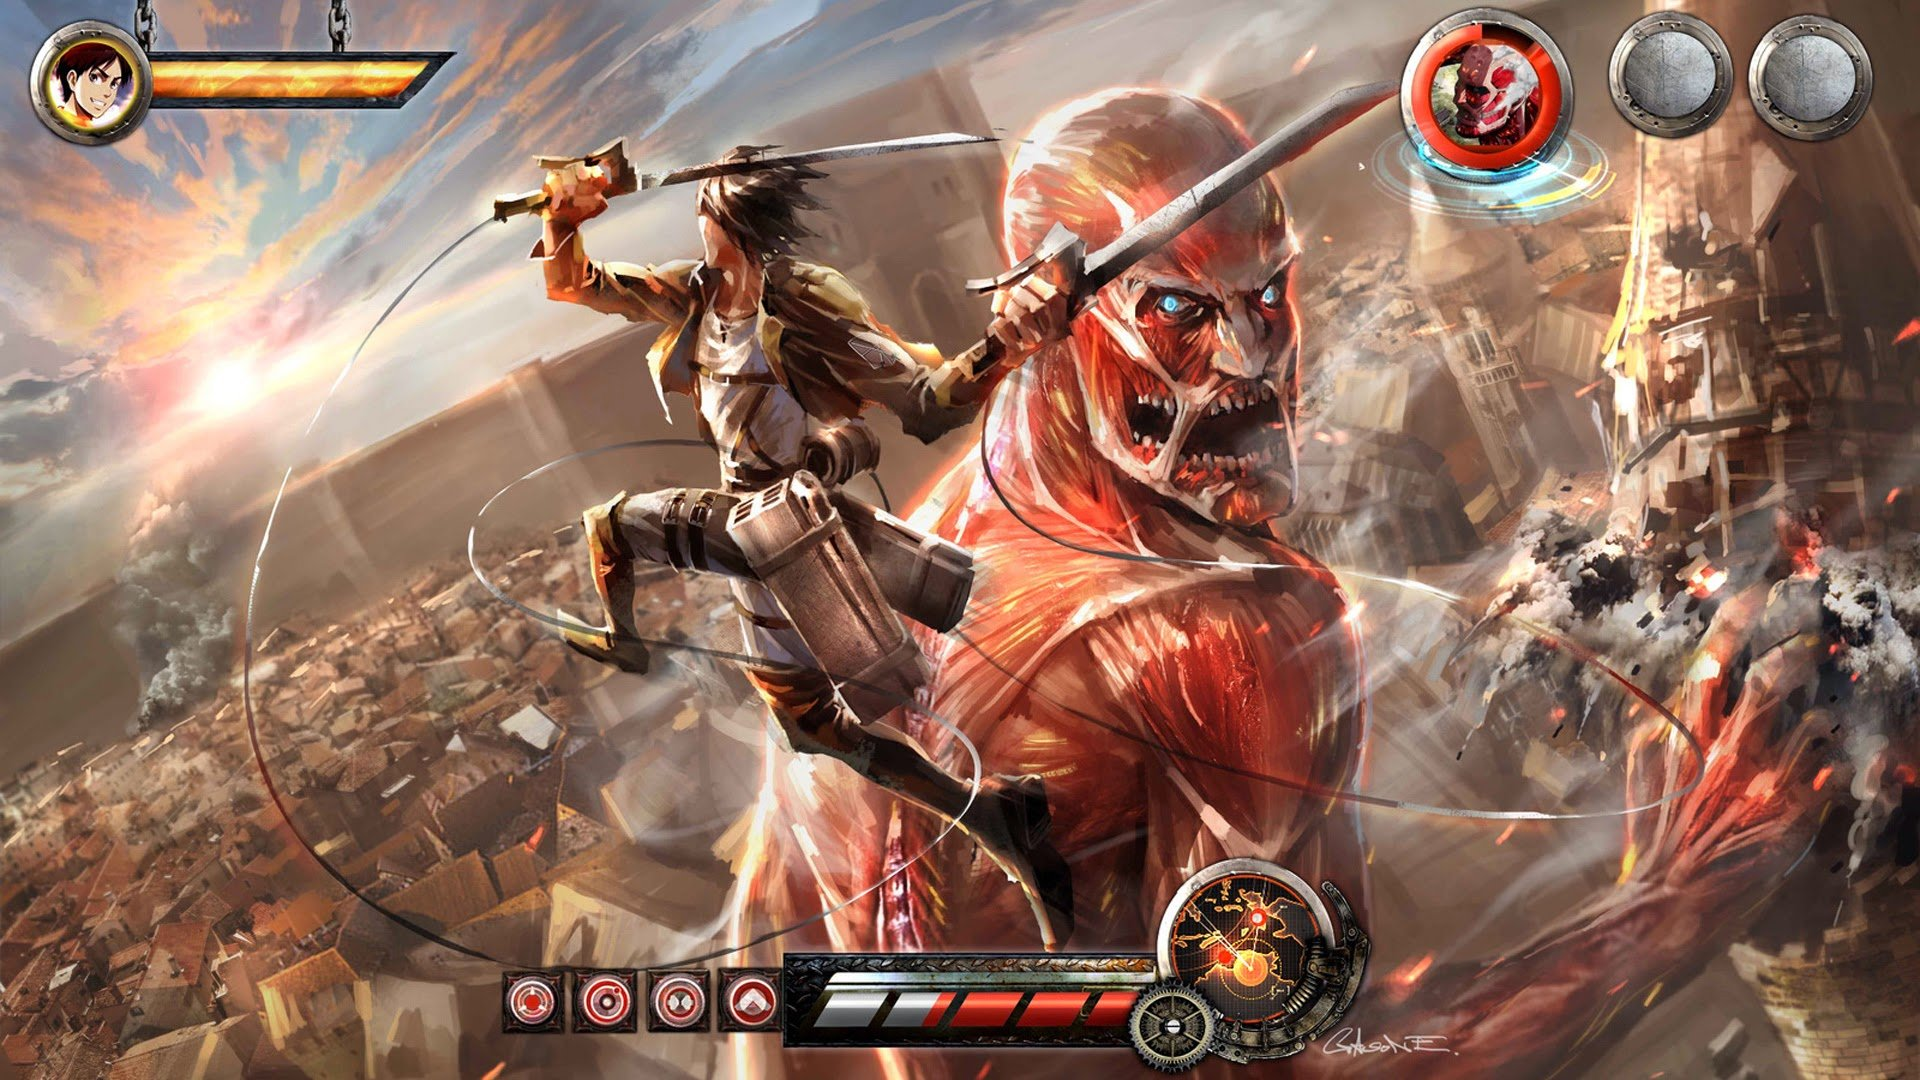 Attack On Titan Iphone Wallpaper 1080p Eren vs colossal titan video 1920x1080